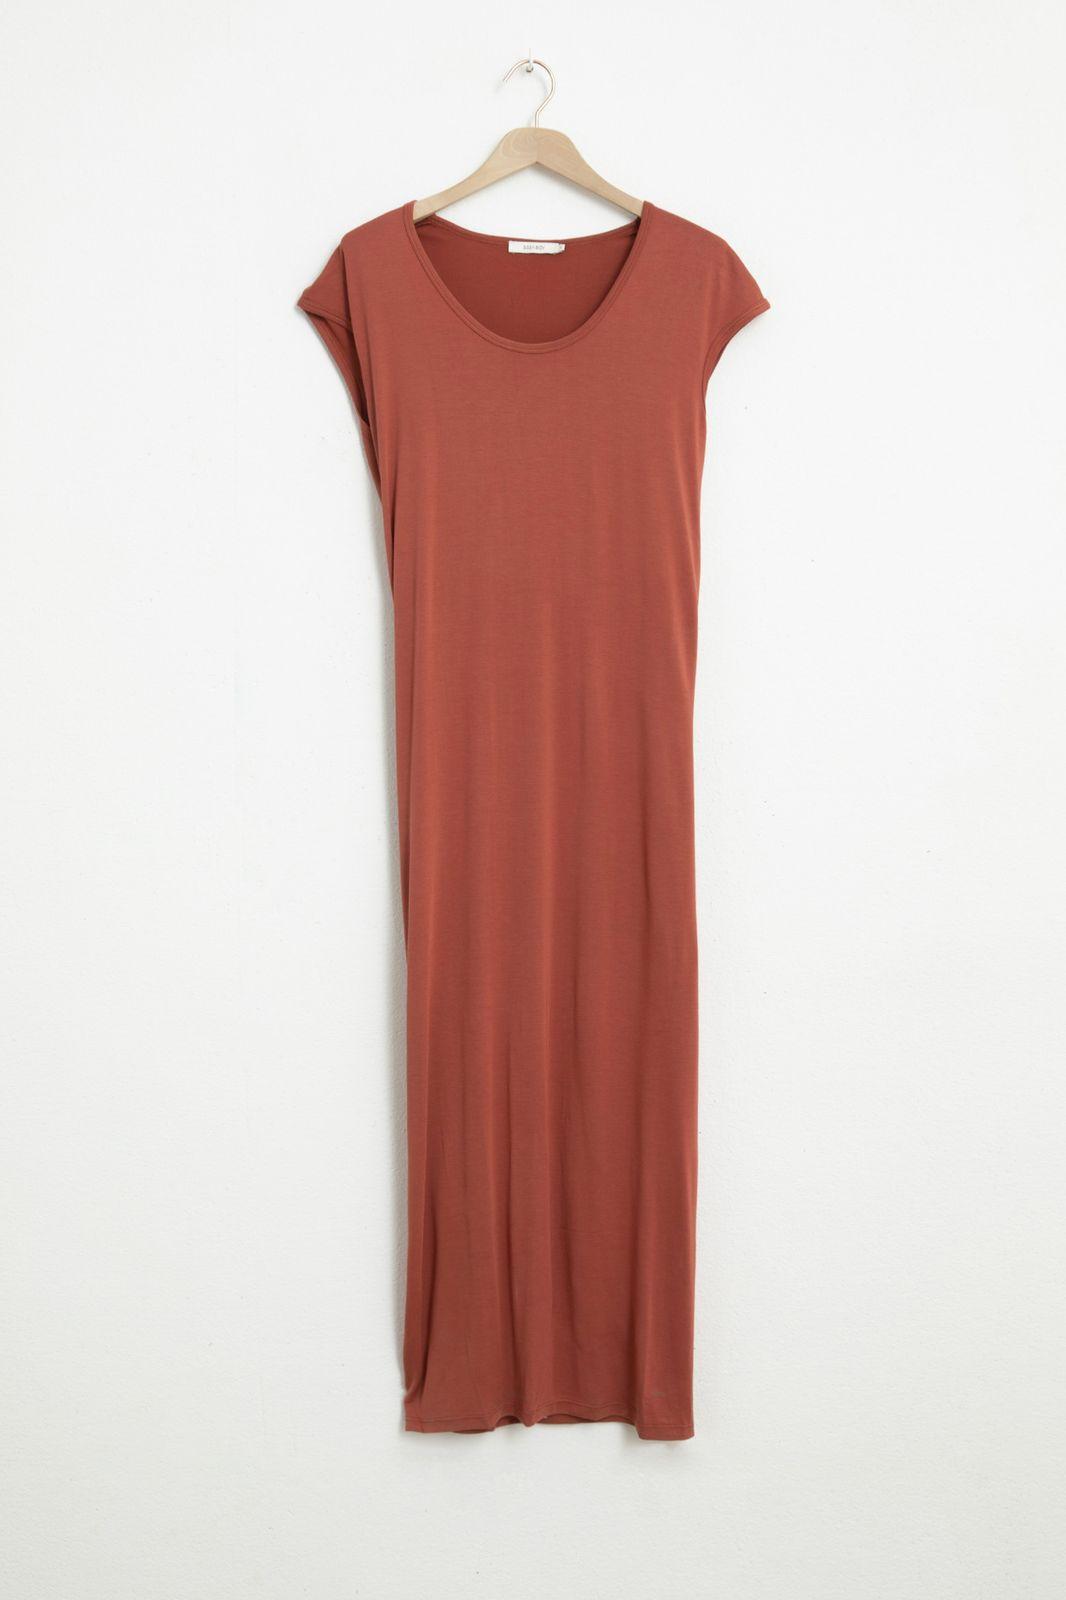 Rode jersey jurk